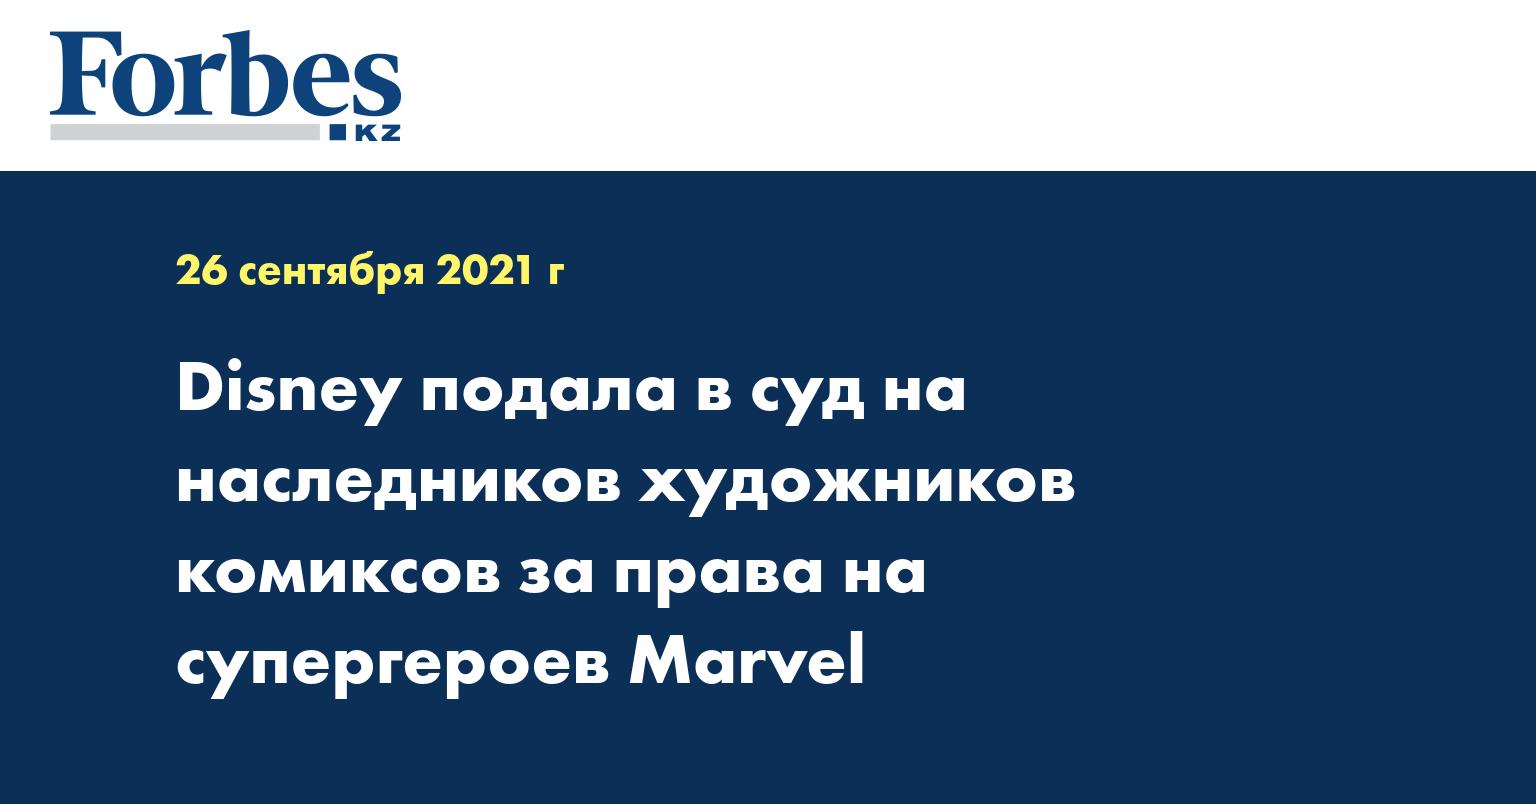 Disney подала в суд на наследников художников комиксов за права на супергероев Marvel